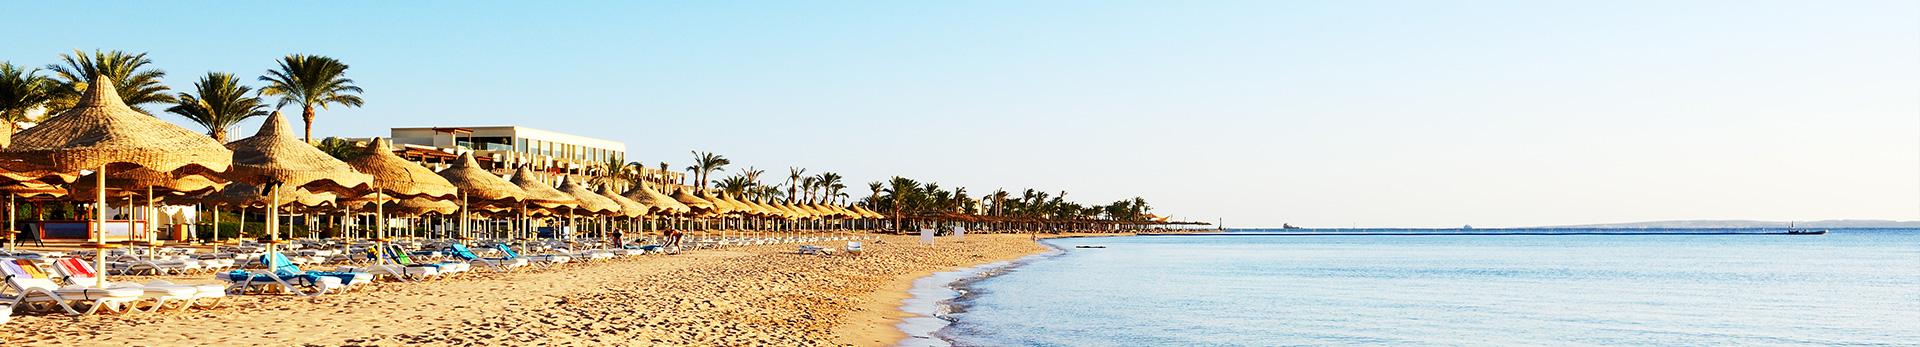 Sharm El sheikh Panoramik